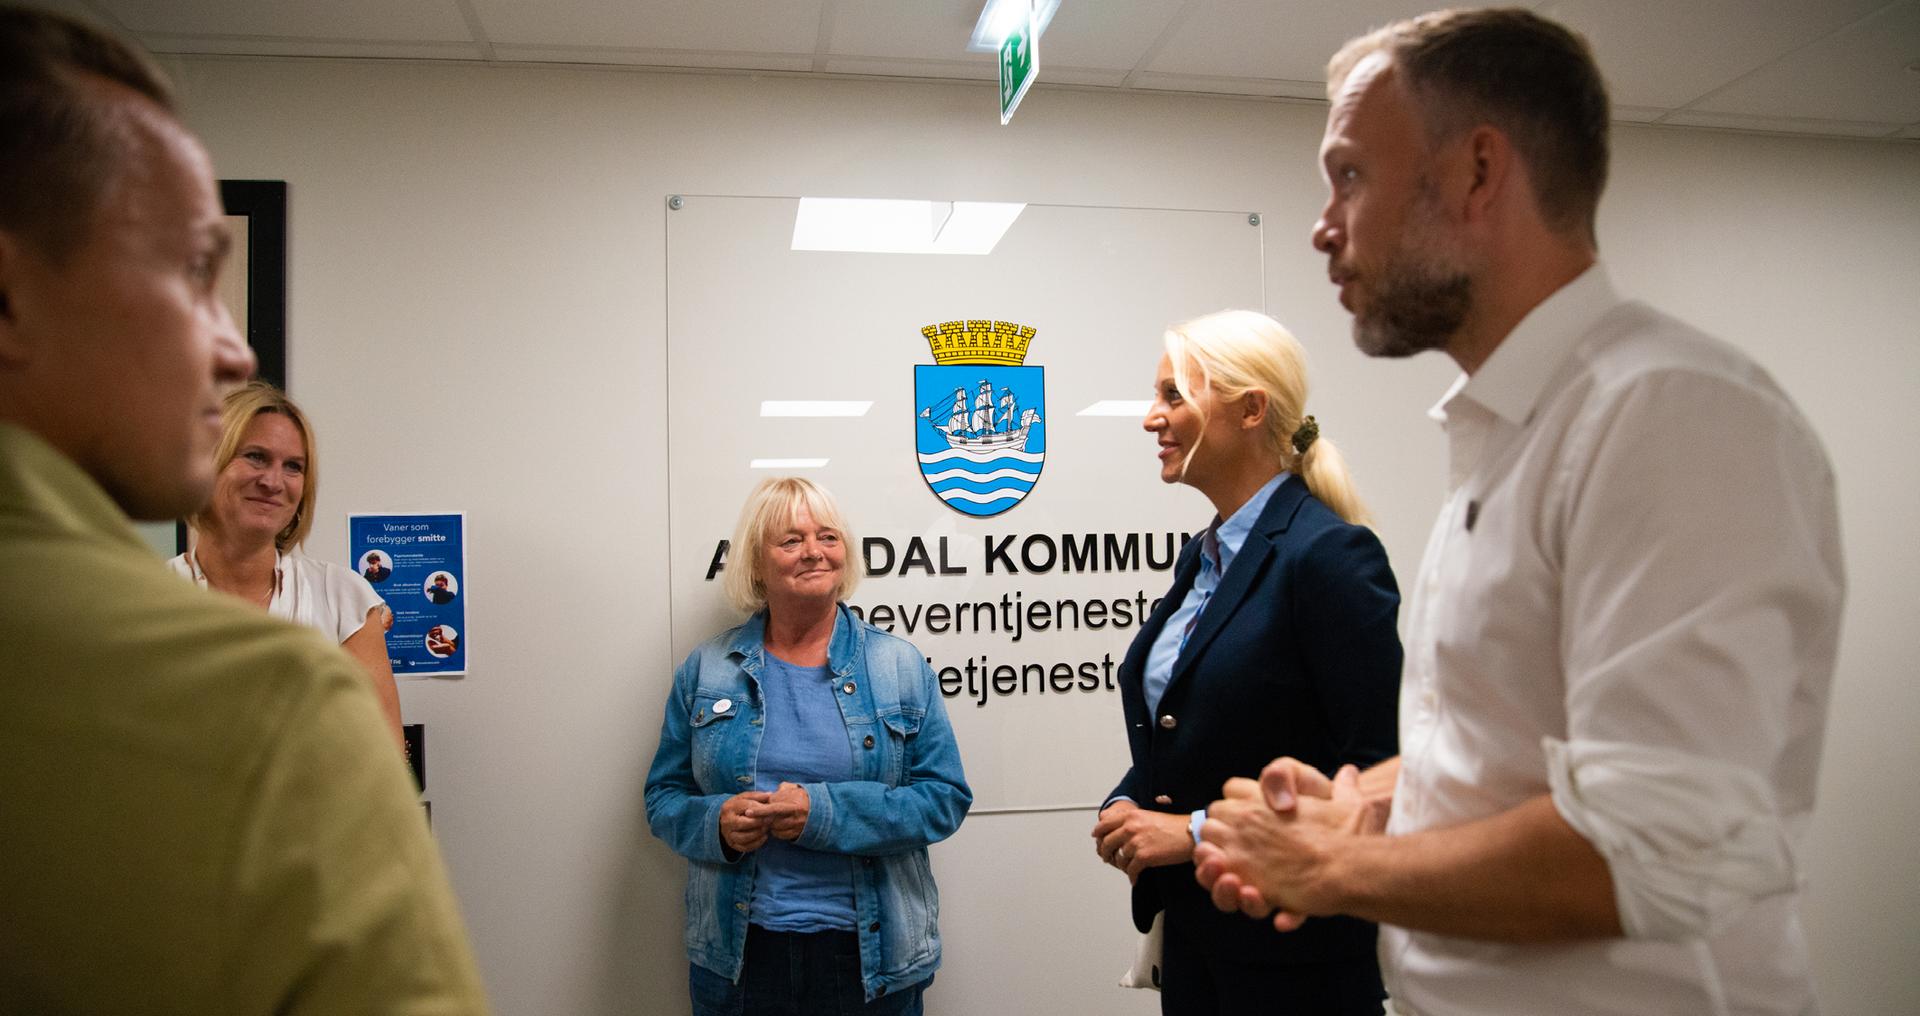 FO tok SV-leder med på besøk til barnevernstjenesten i Arendal